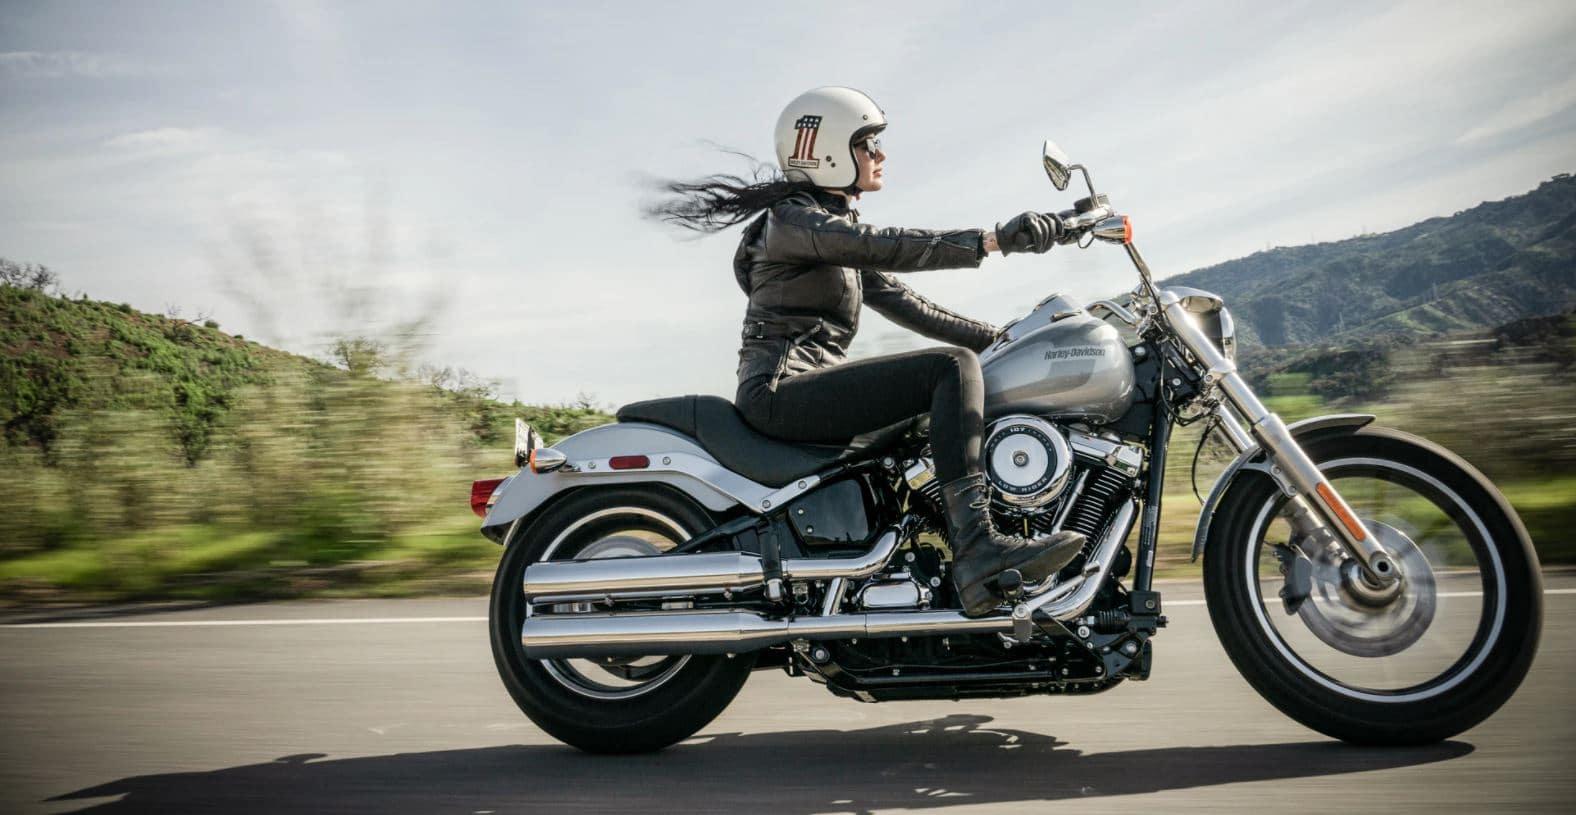 Conseils pour les nouveaux.elles motocyclistes